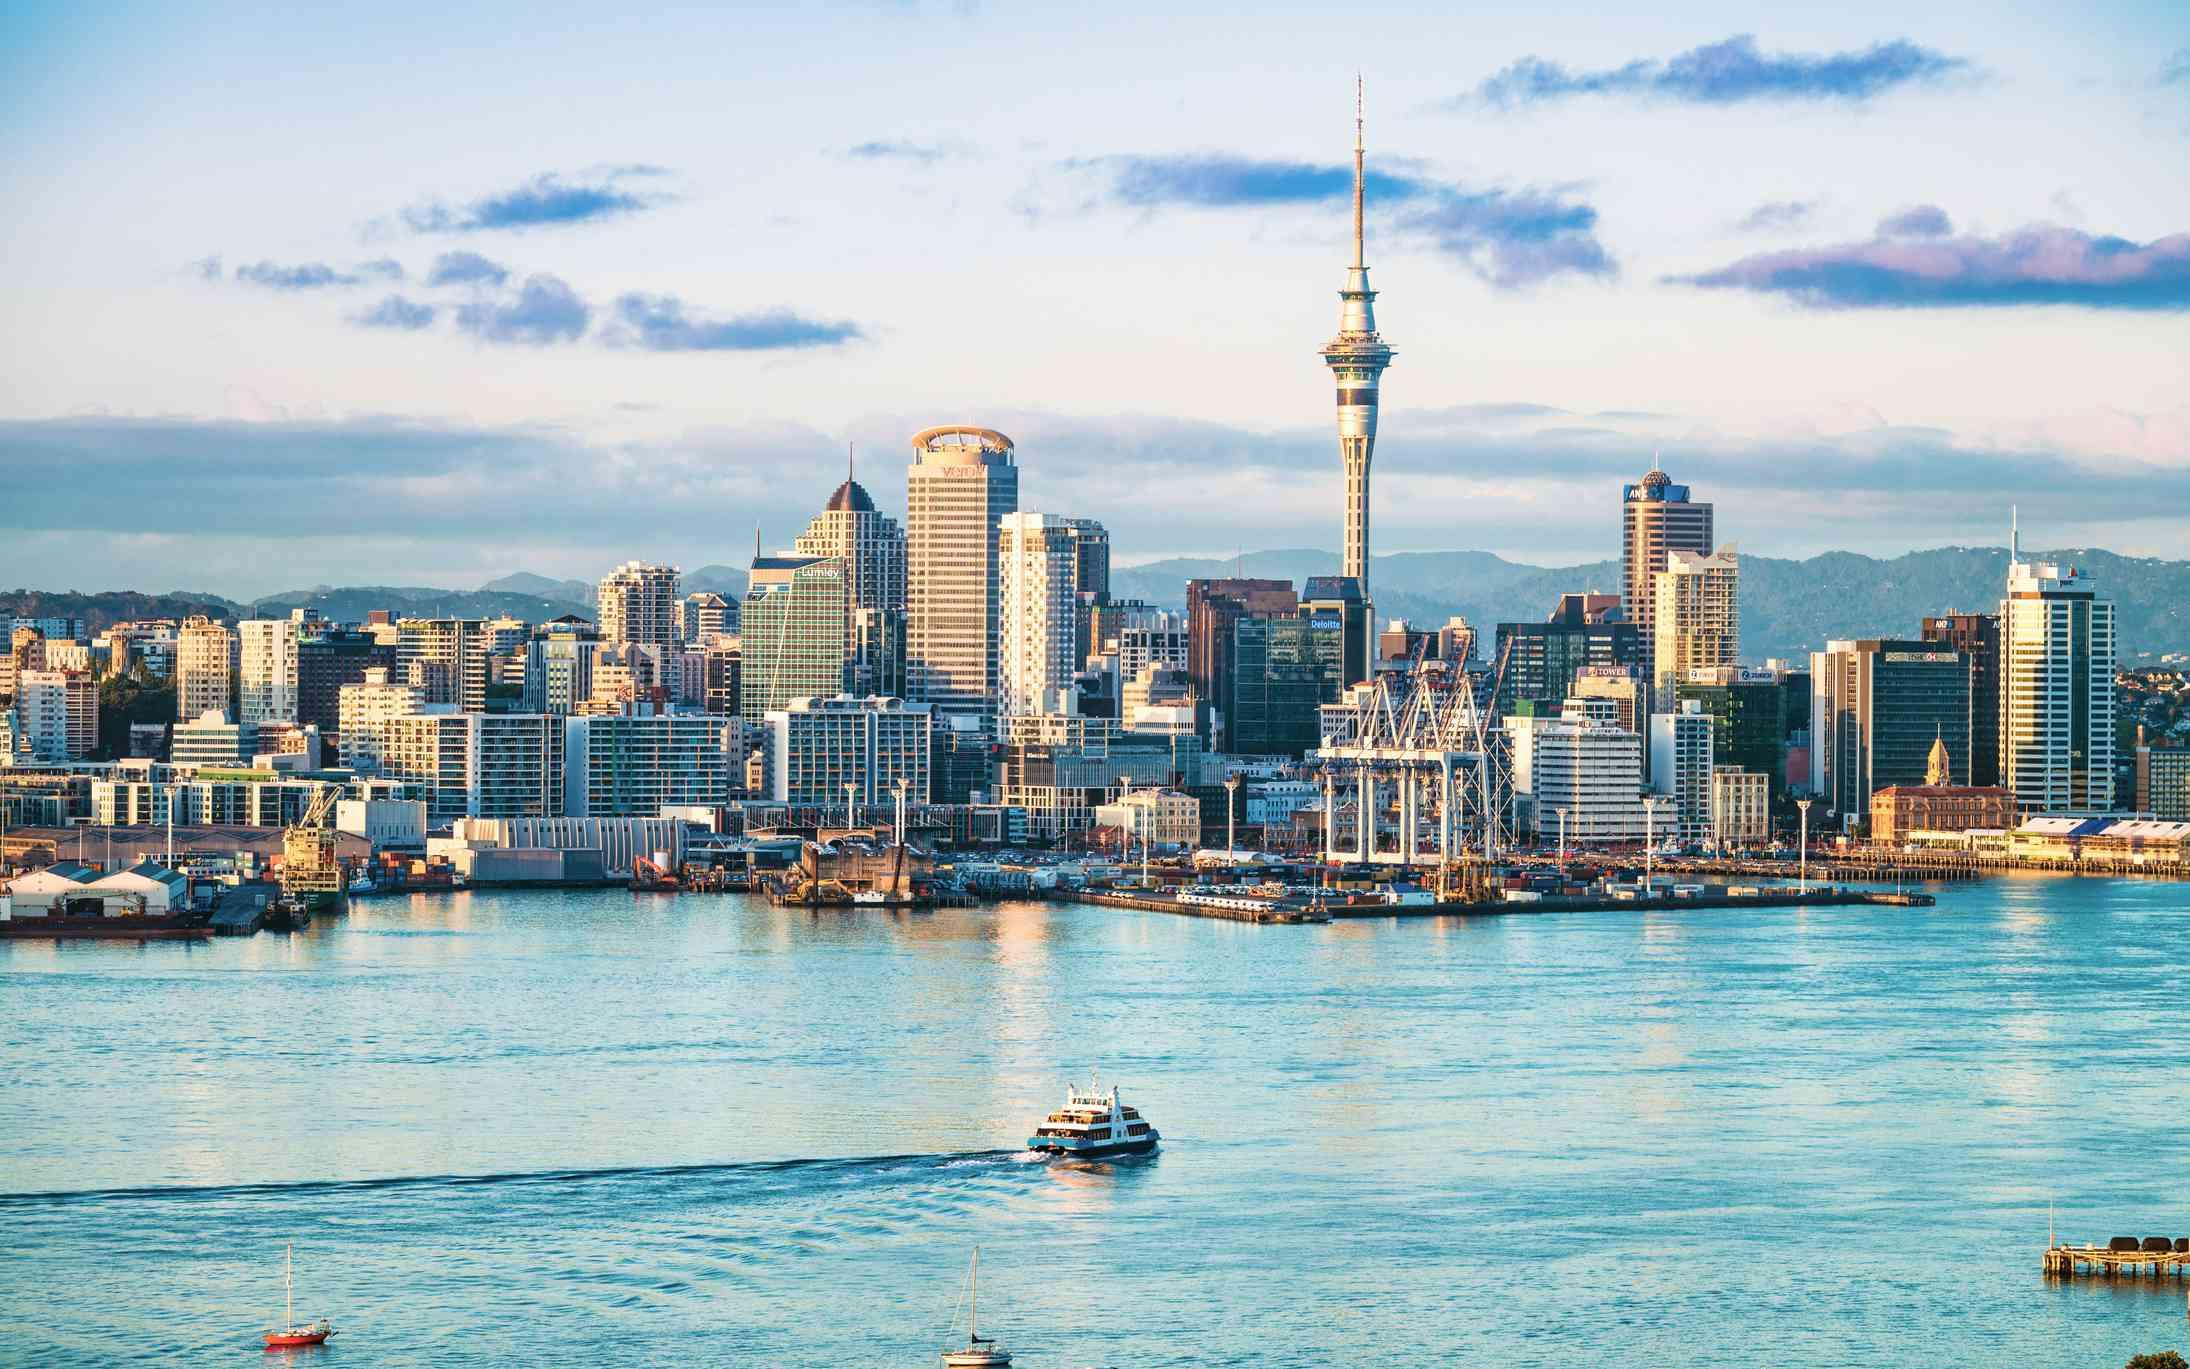 Una vista de la mañana del CBD de Auckland, a través del agua del puerto de Waitemata